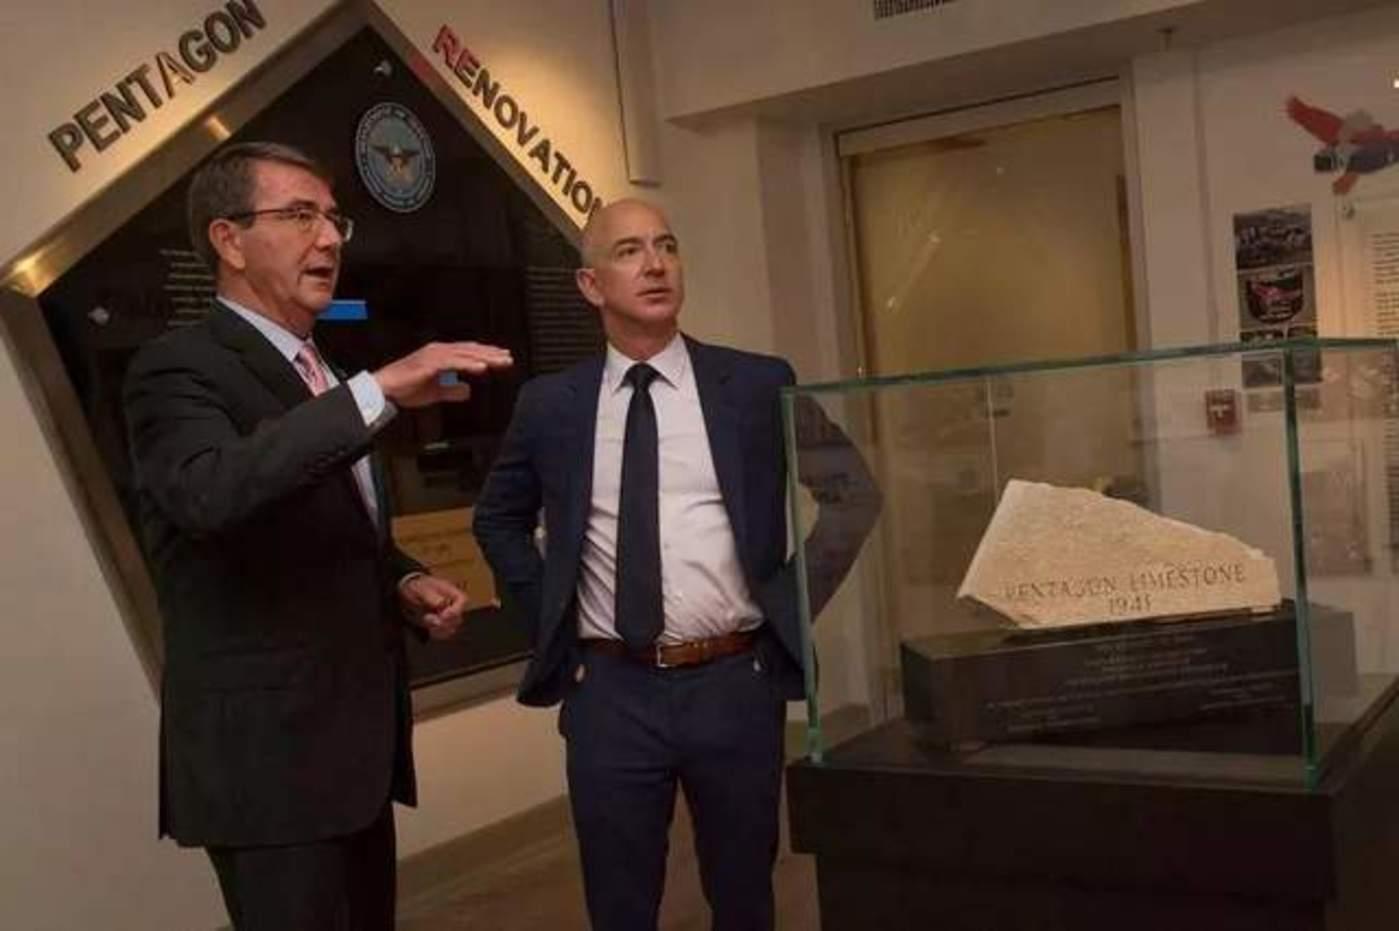 2016 年,时任国防部长卡特会见亚马逊CEO贝索斯